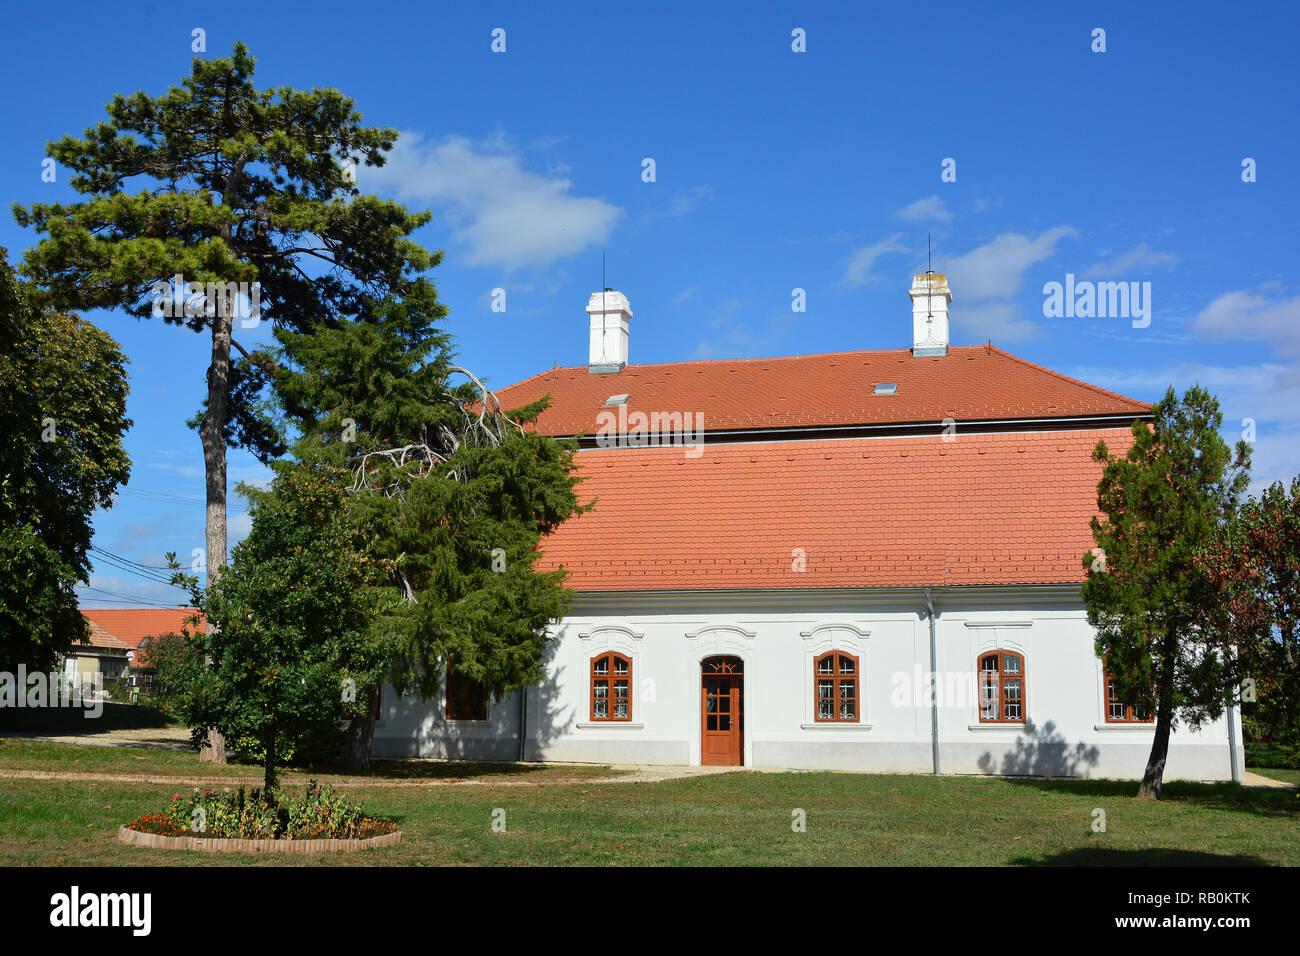 Former Talián-Horváth Castle in Szentkirályszabadja Hungary. Volt Talián-Horváth-kastély Szentkirályszabadján. - Stock Image